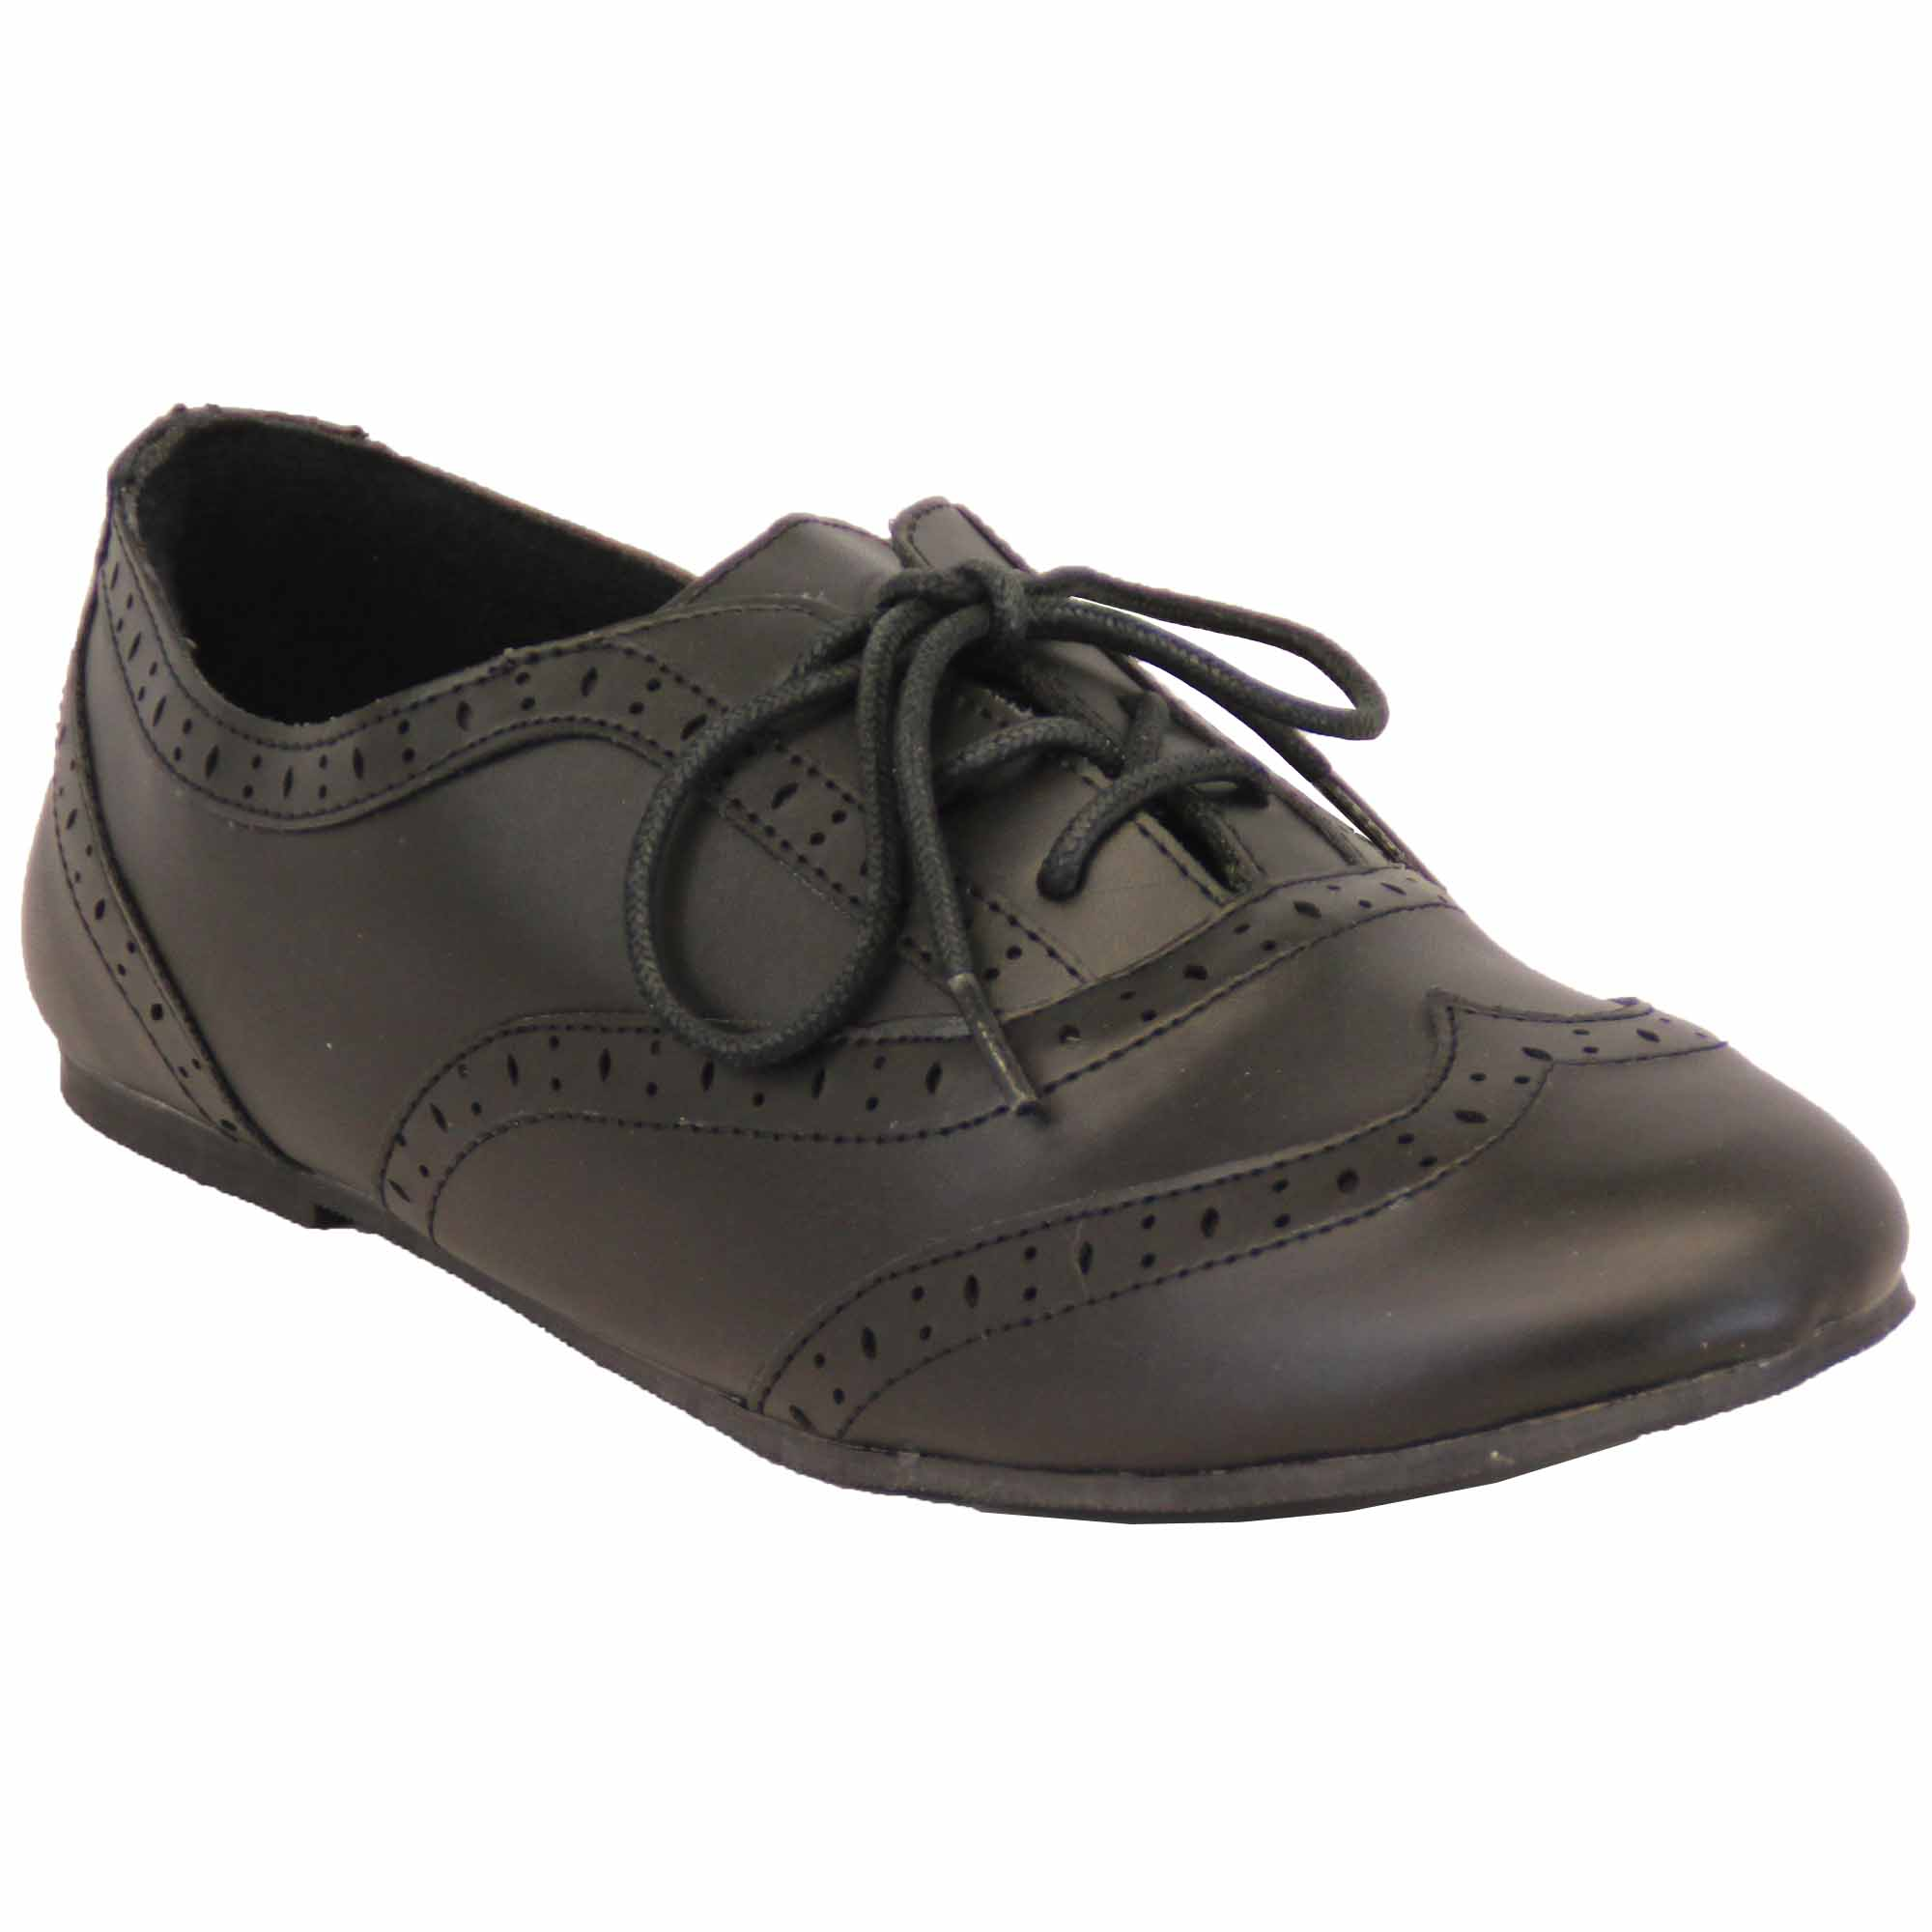 Chaussures-Ecole-Fille-Mat-Richelieu-Mariage-Enfants-Allure-Cuir-Lacet-Plat